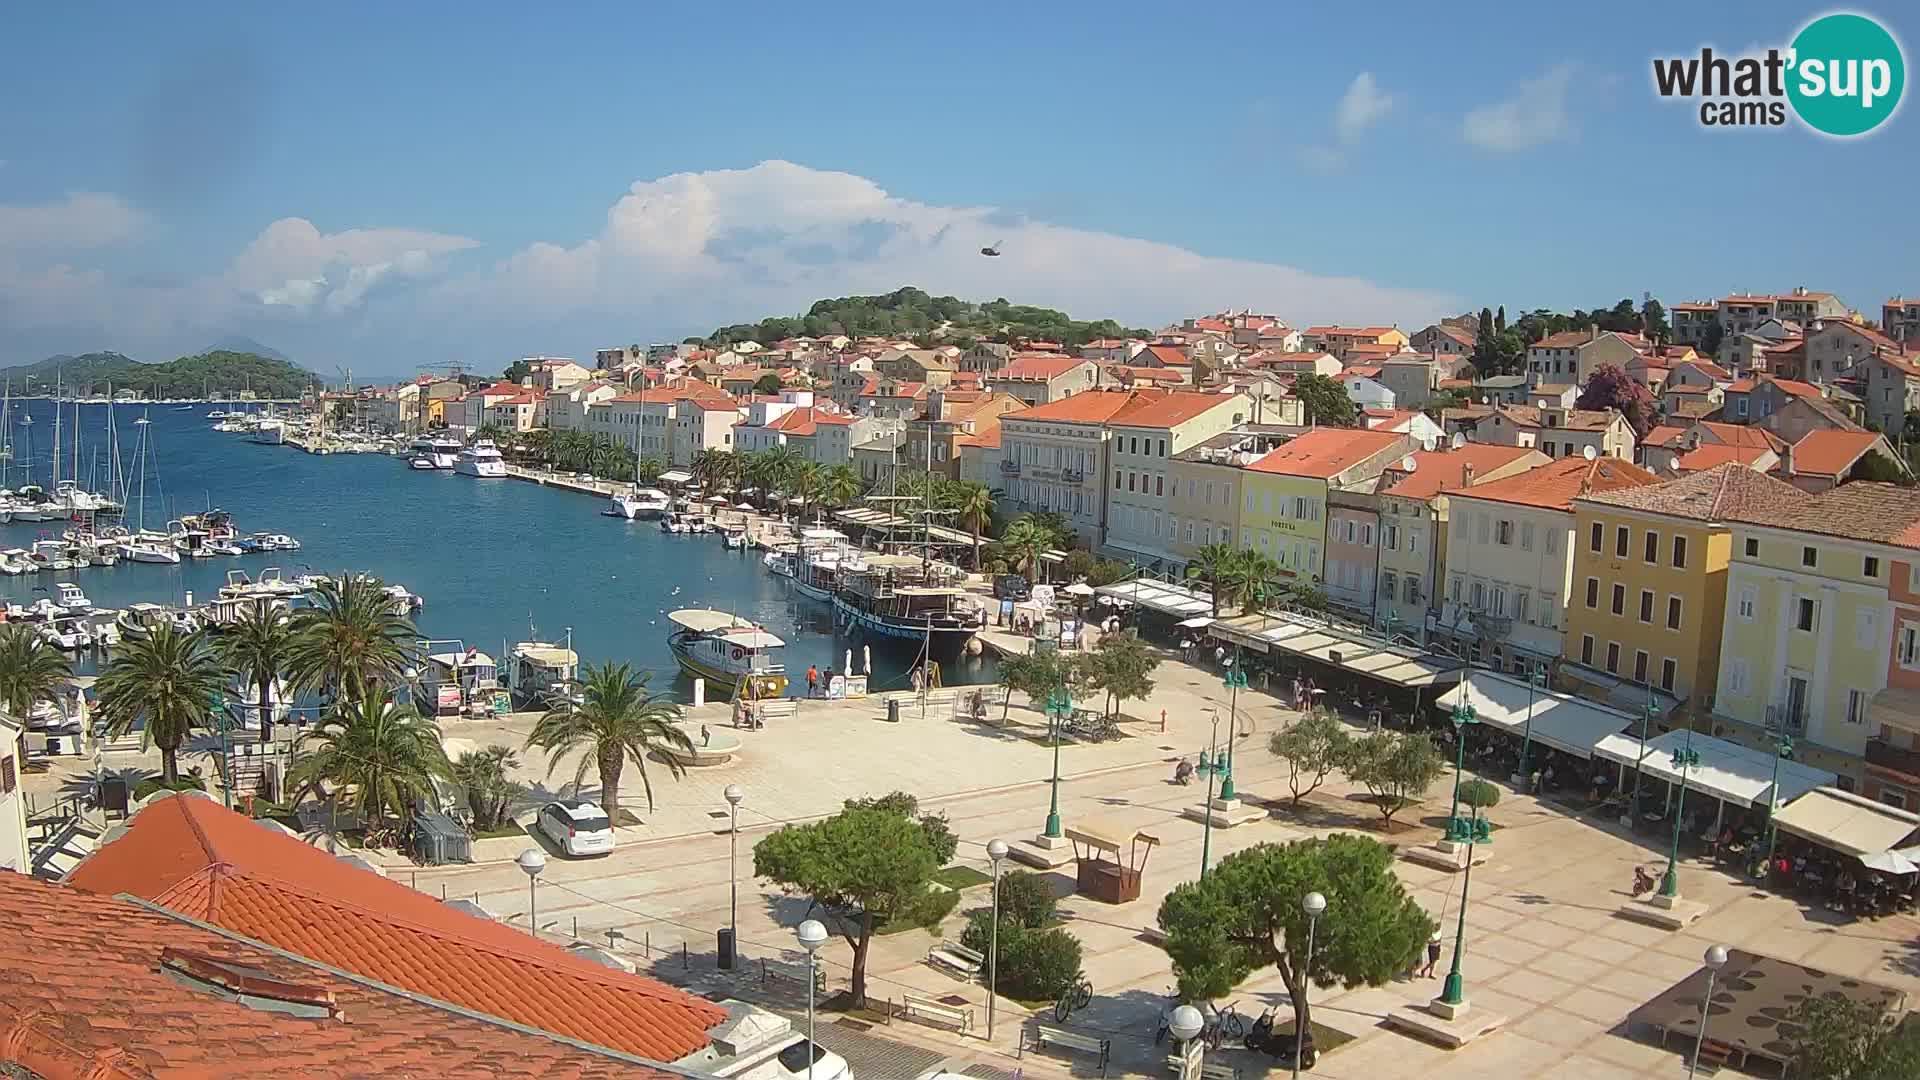 Webcam Mali Lošinj – plaza della Republica